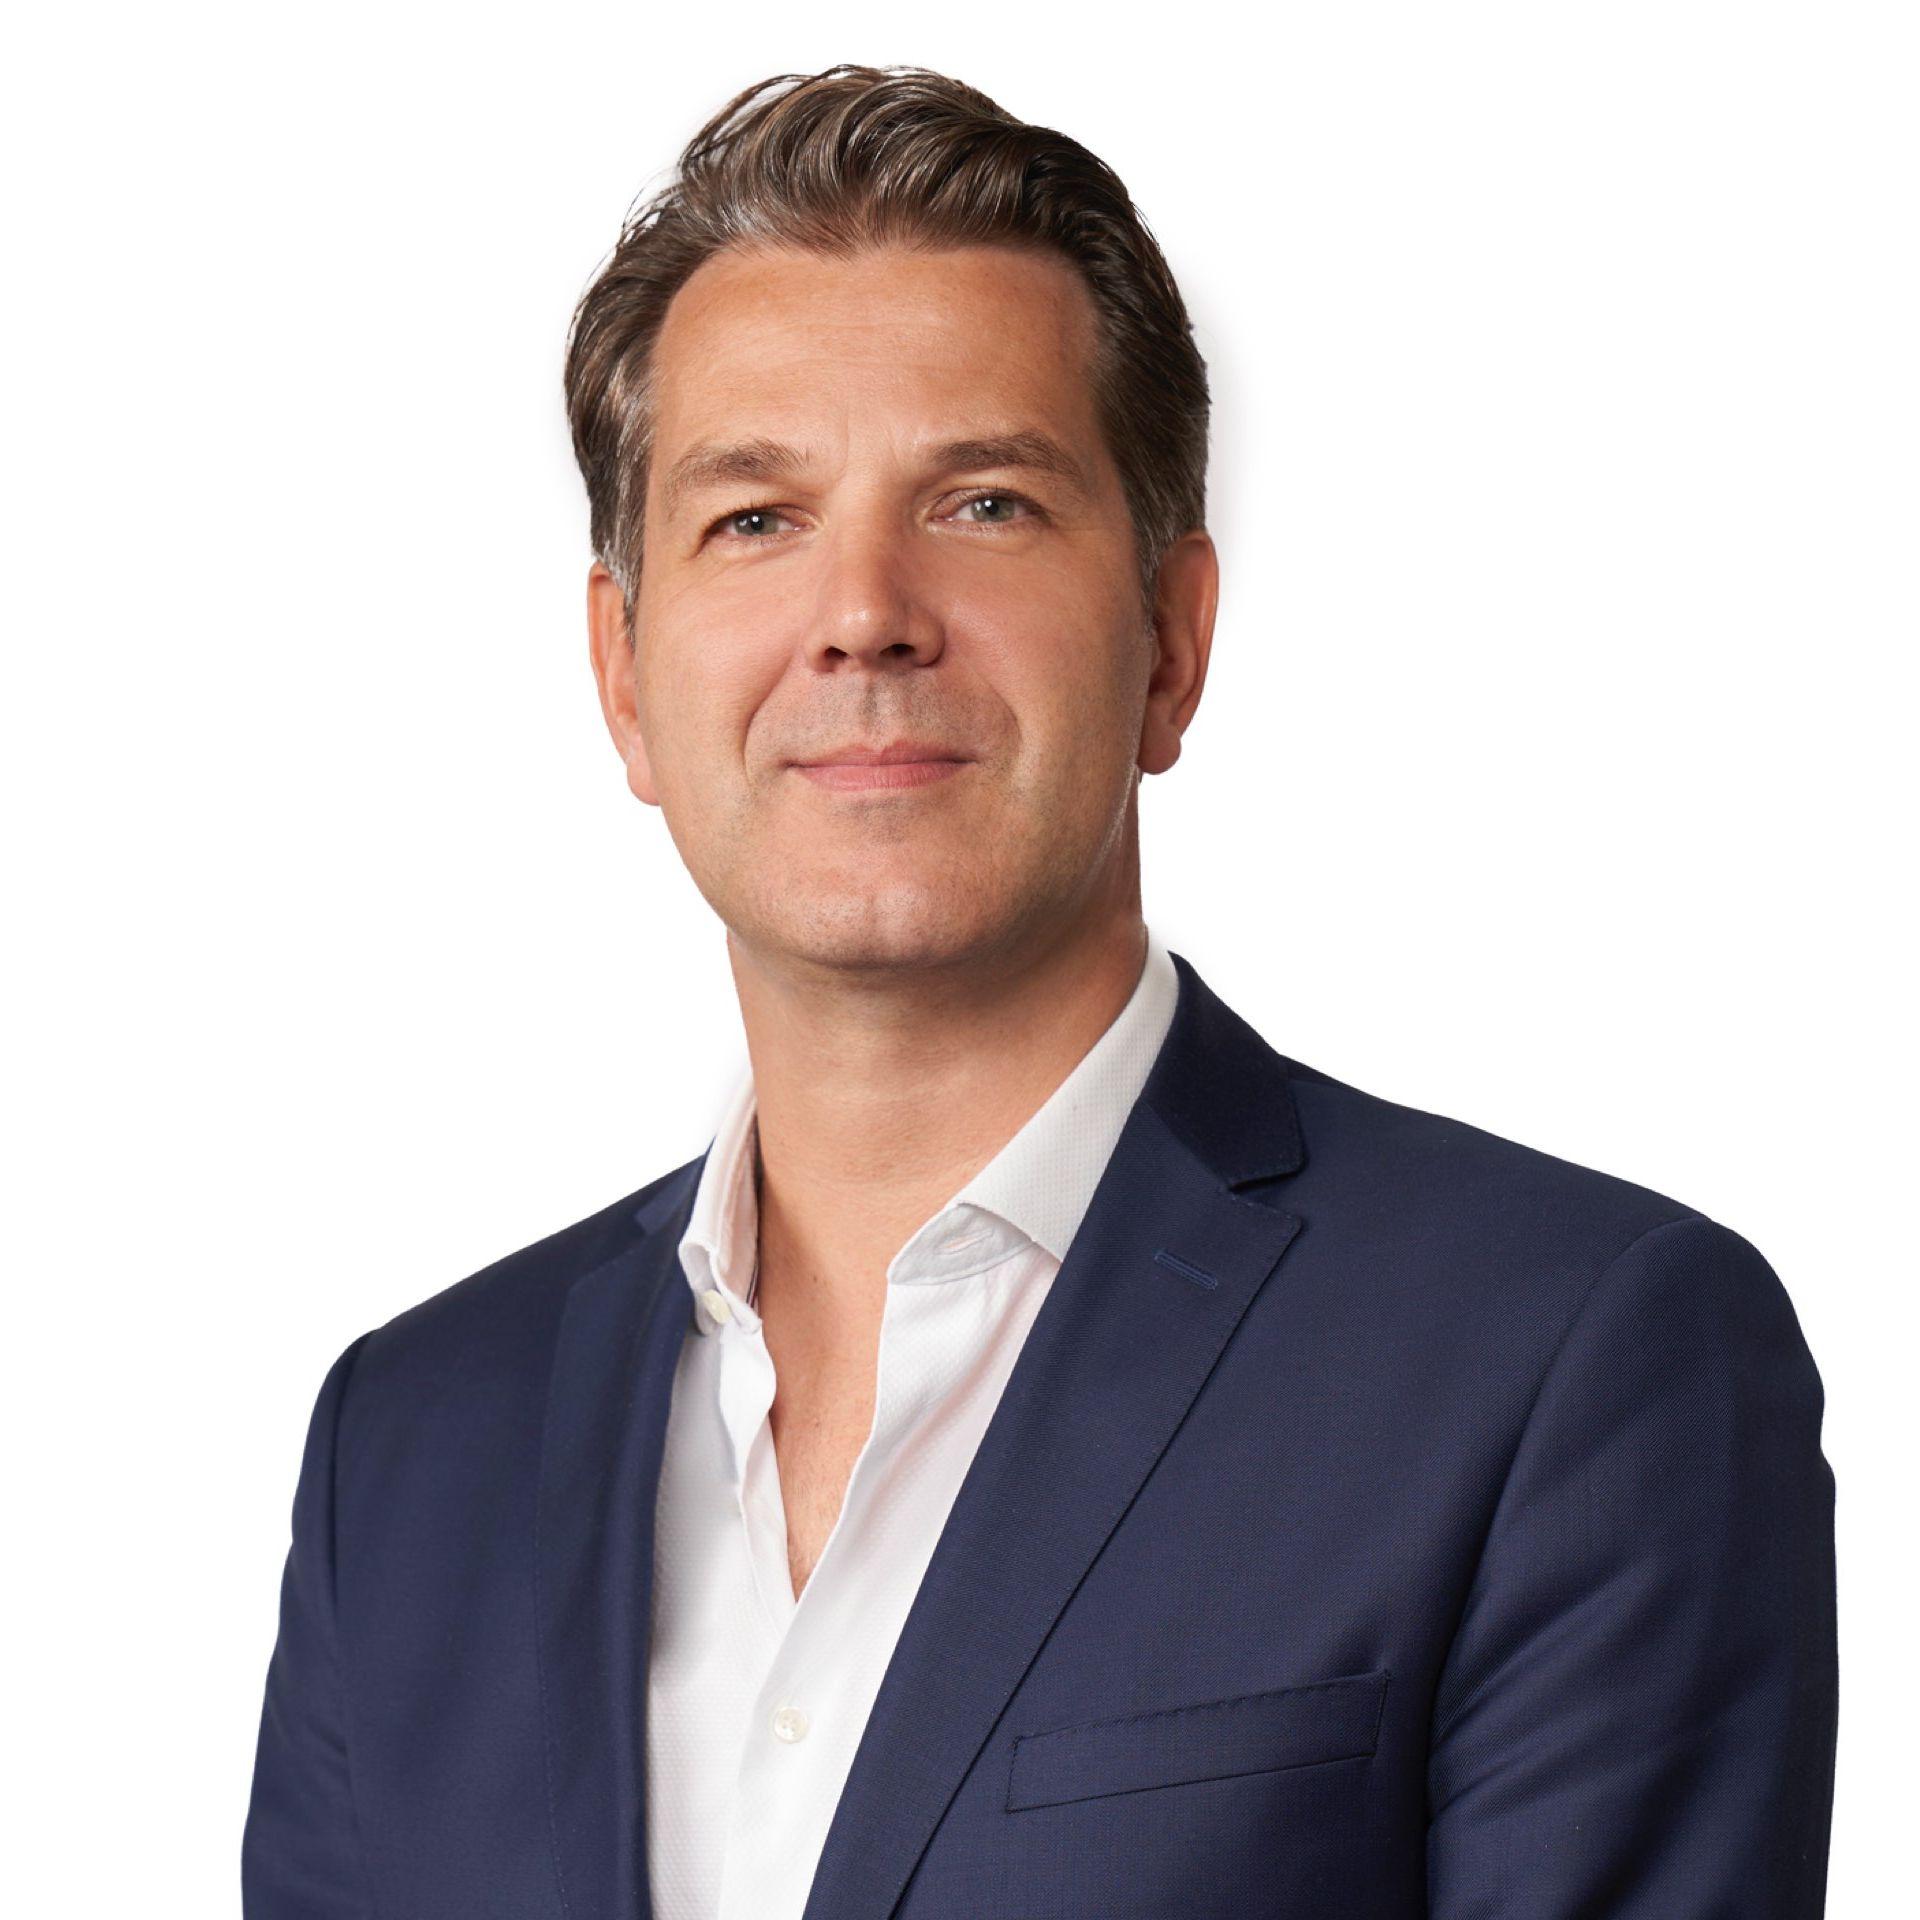 Marc Busscher